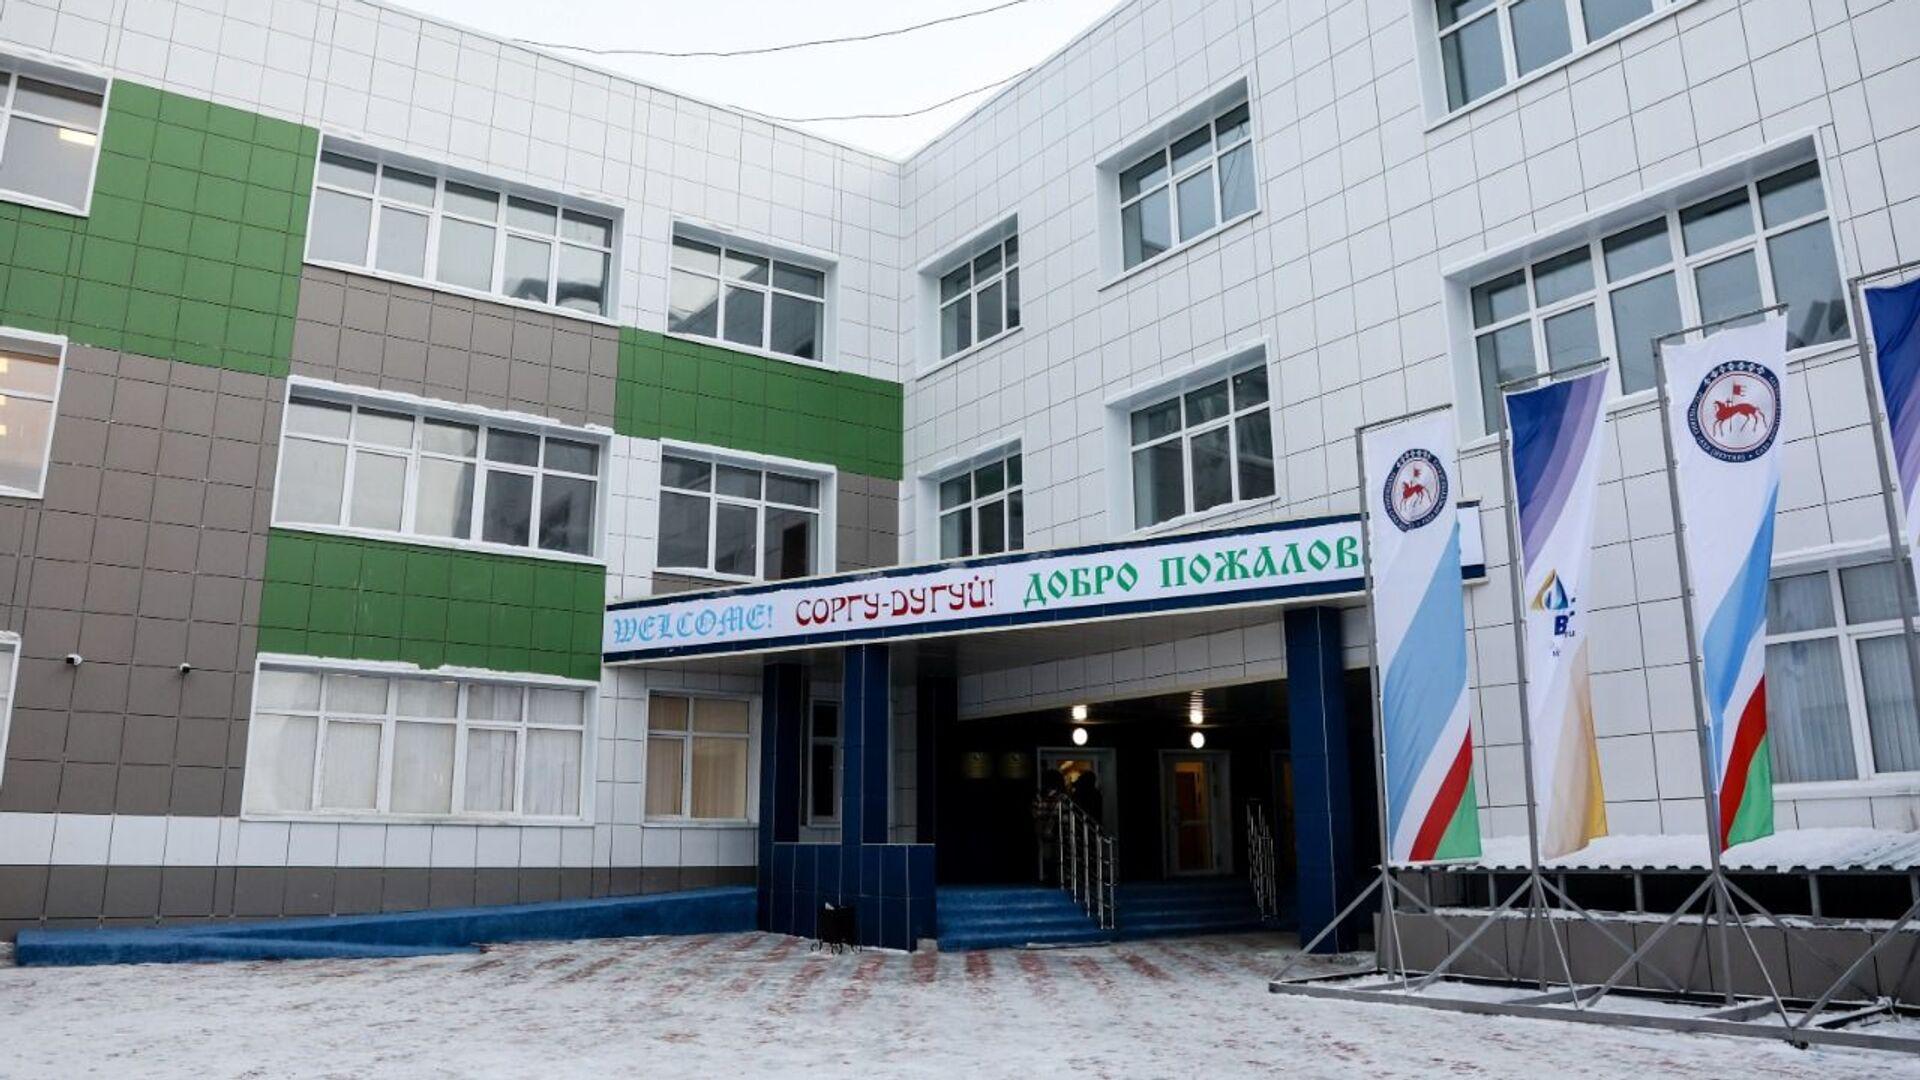 Национальная школа Айыы кыhата в Якутске - РИА Новости, 1920, 25.09.2021